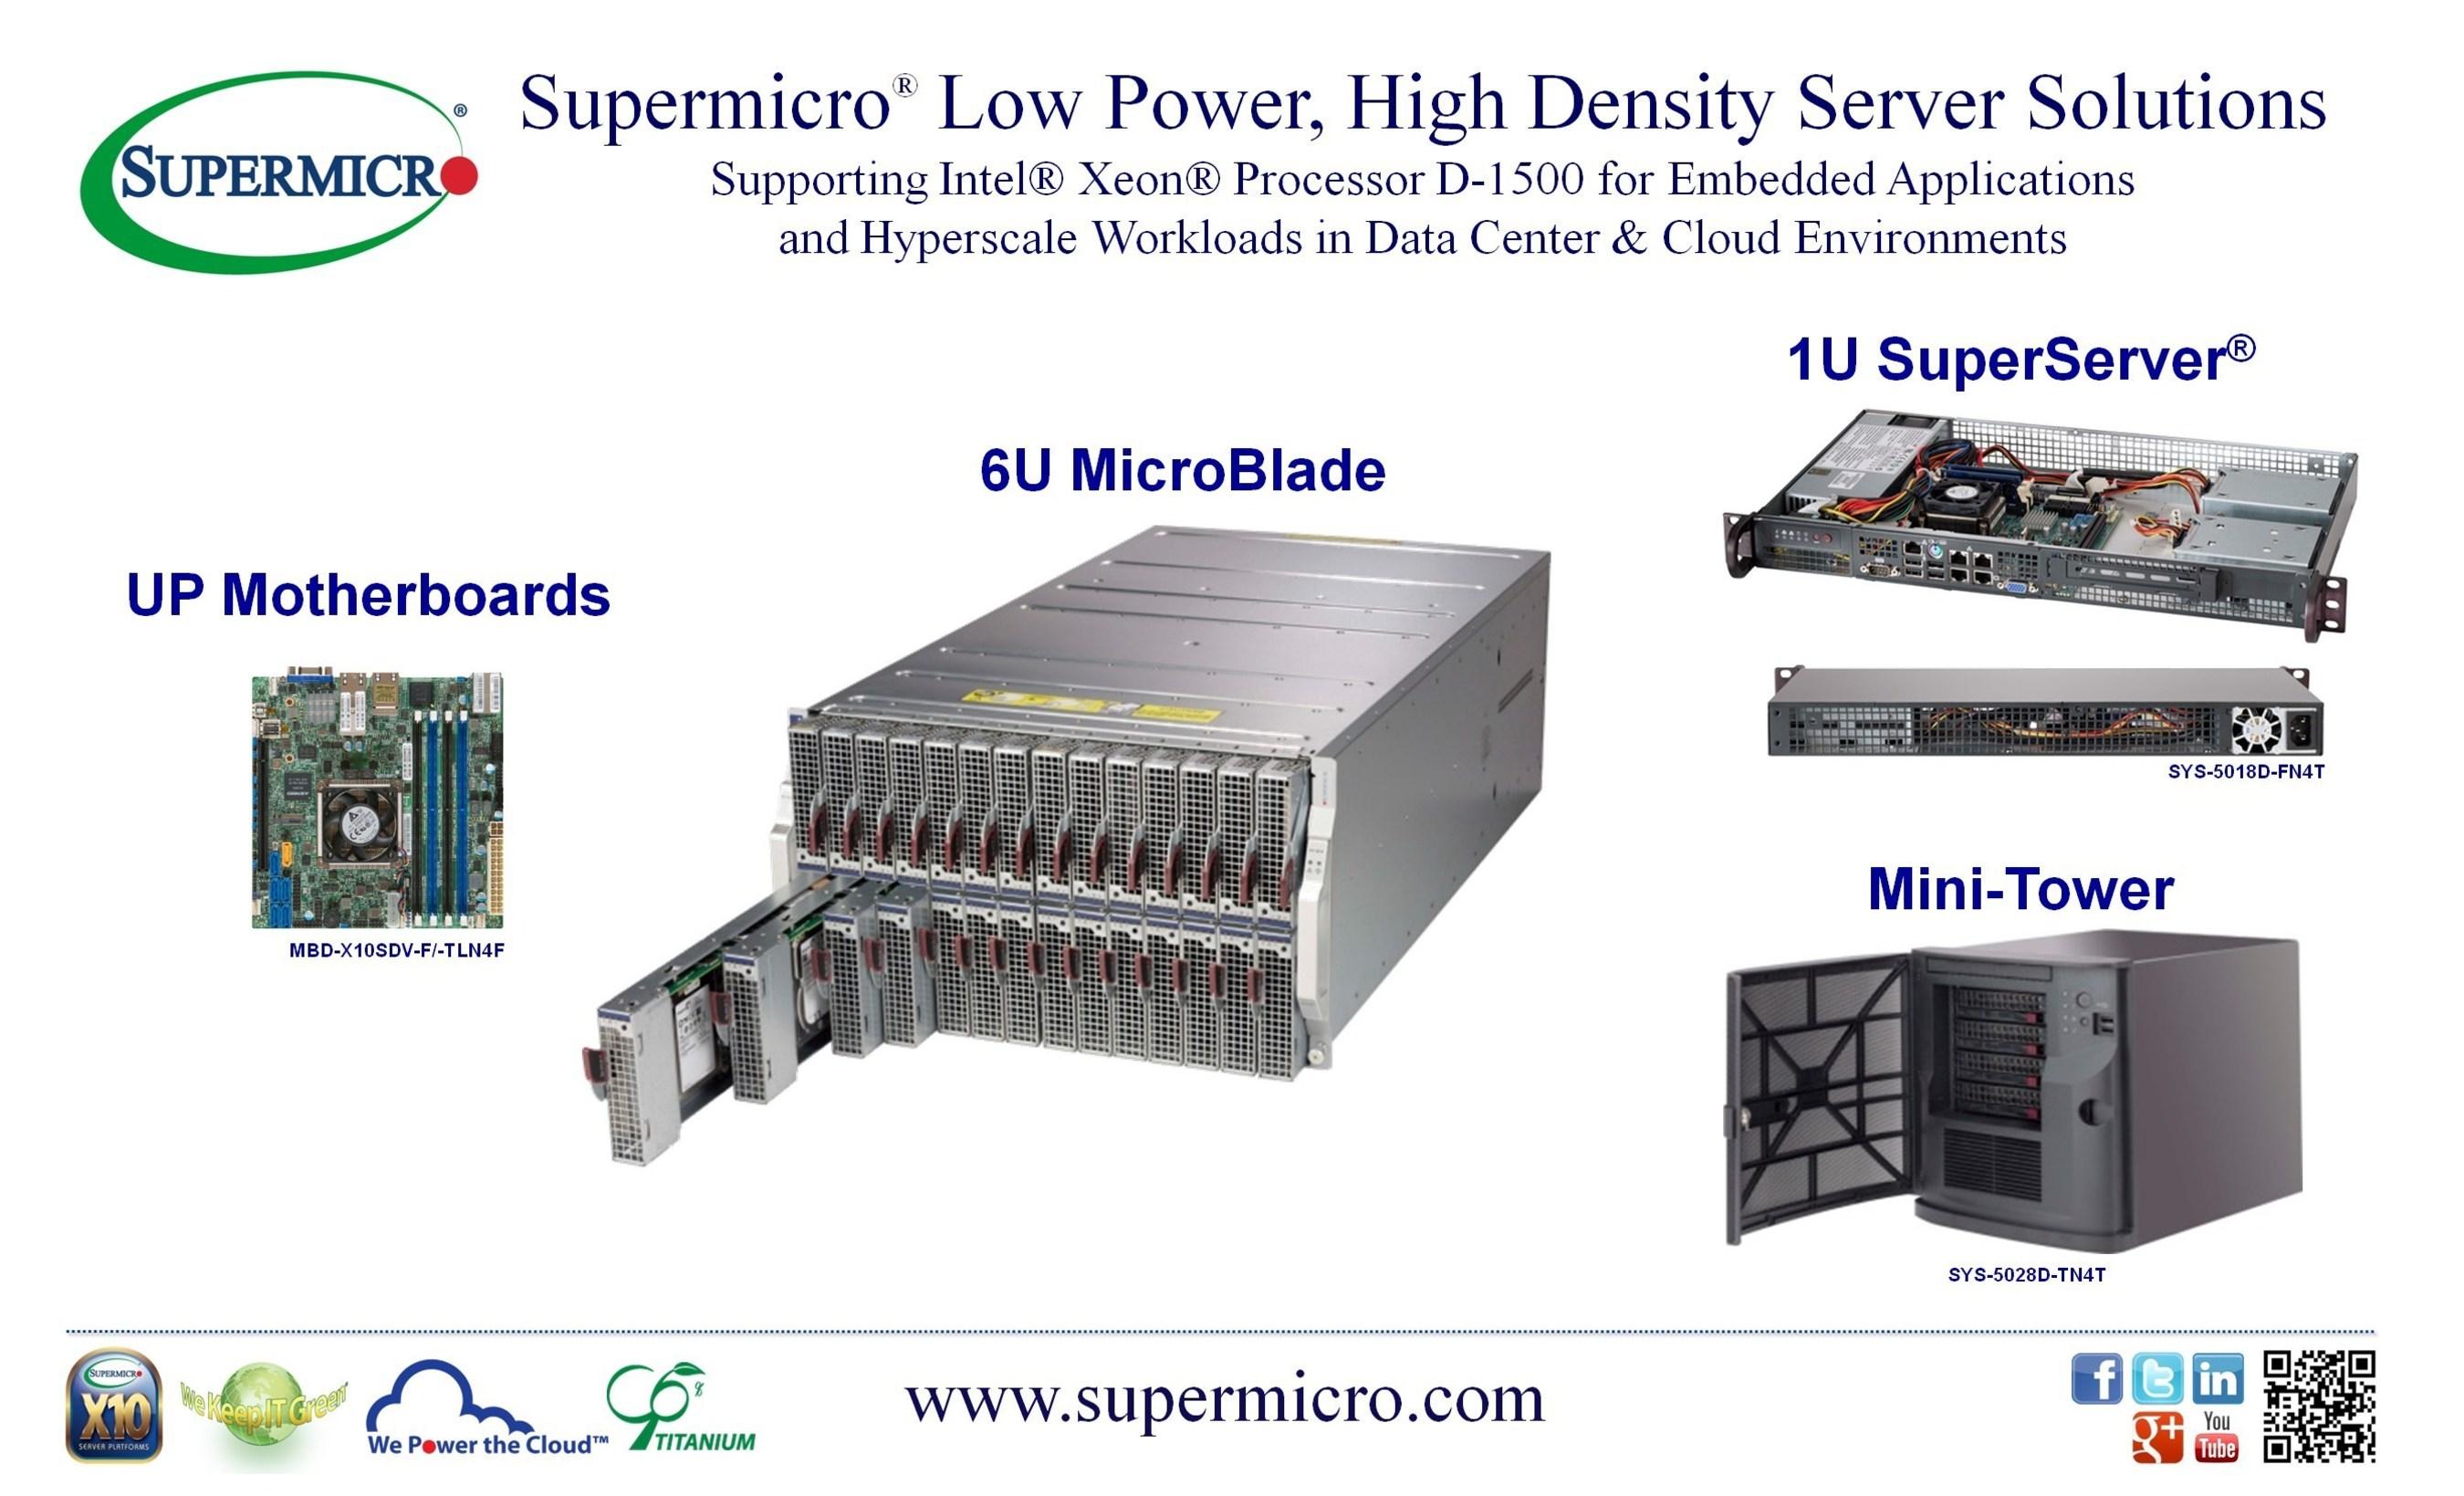 Supermicro® представляет новую линейку энергоэкономичных, высокоемких серверных решений с